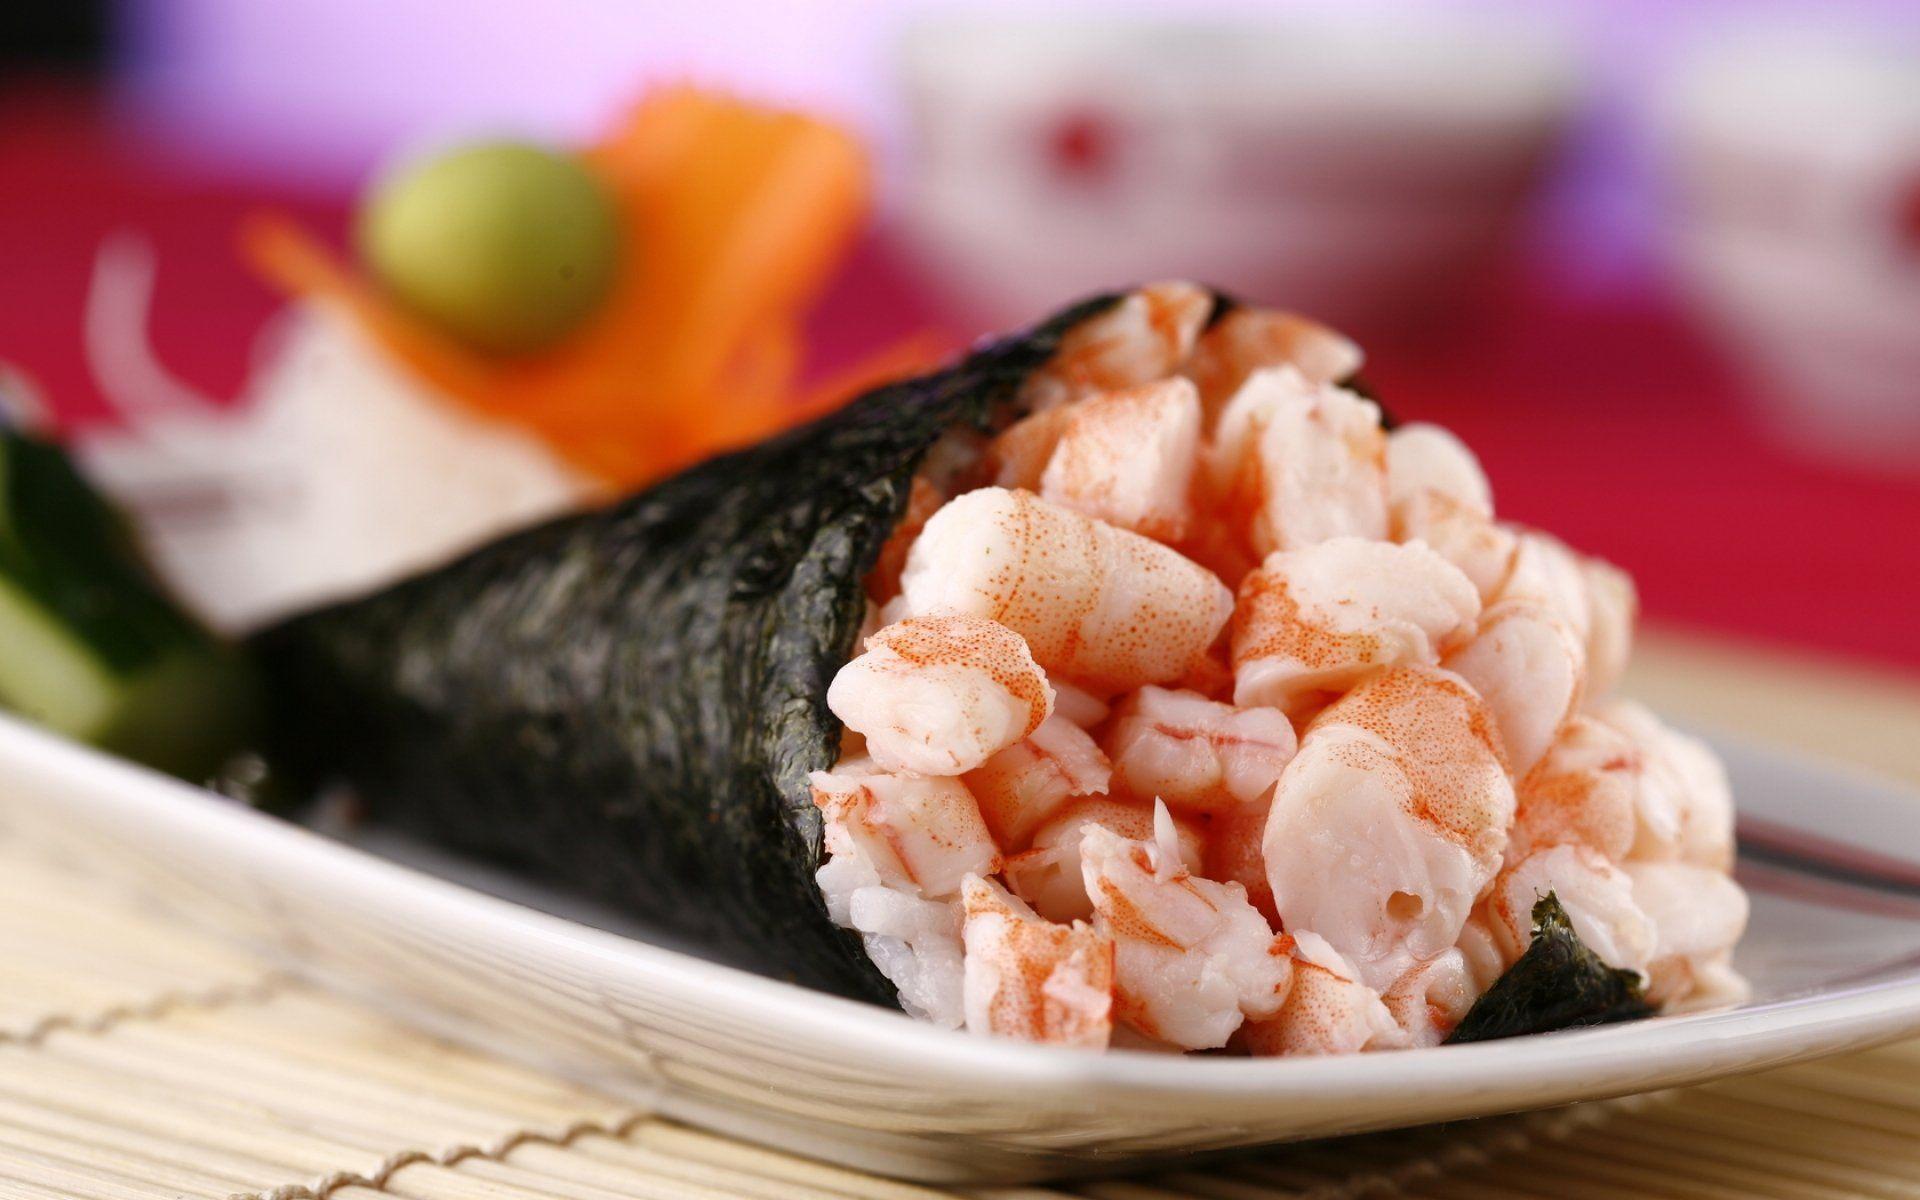 Seafood Desktop HD Wallpaper 60487 1920x1200 px ~ HDWallSource.com